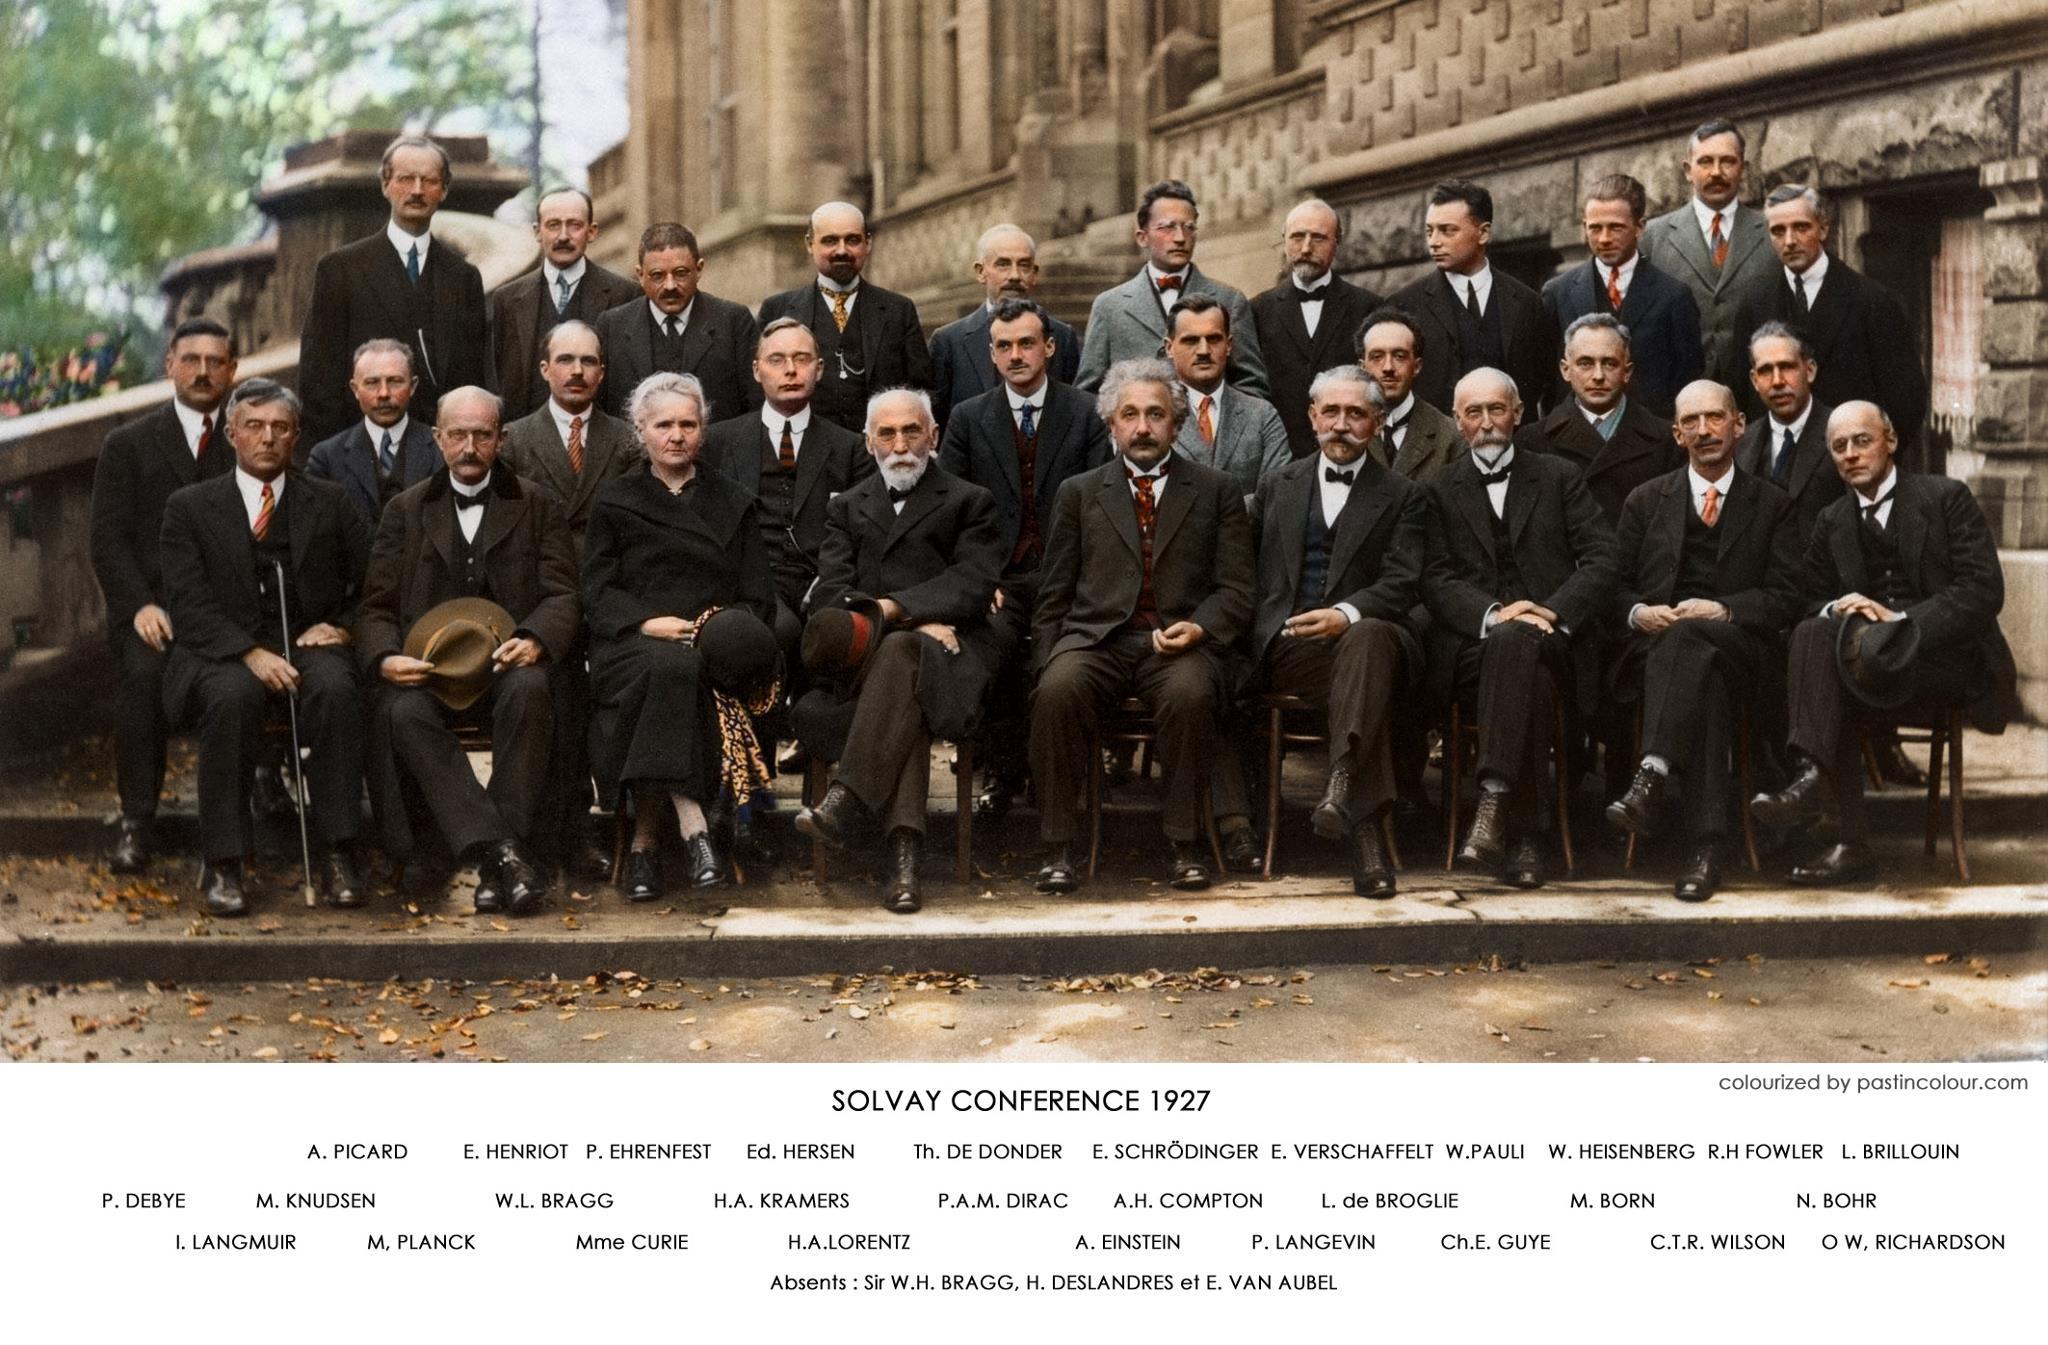 مشهورترین عکس دنیای فیزیک: این عکس مربوط به پنجمین کنفرانس بین المللی سالوی است که در اکتبر 1927 برگزار شد.